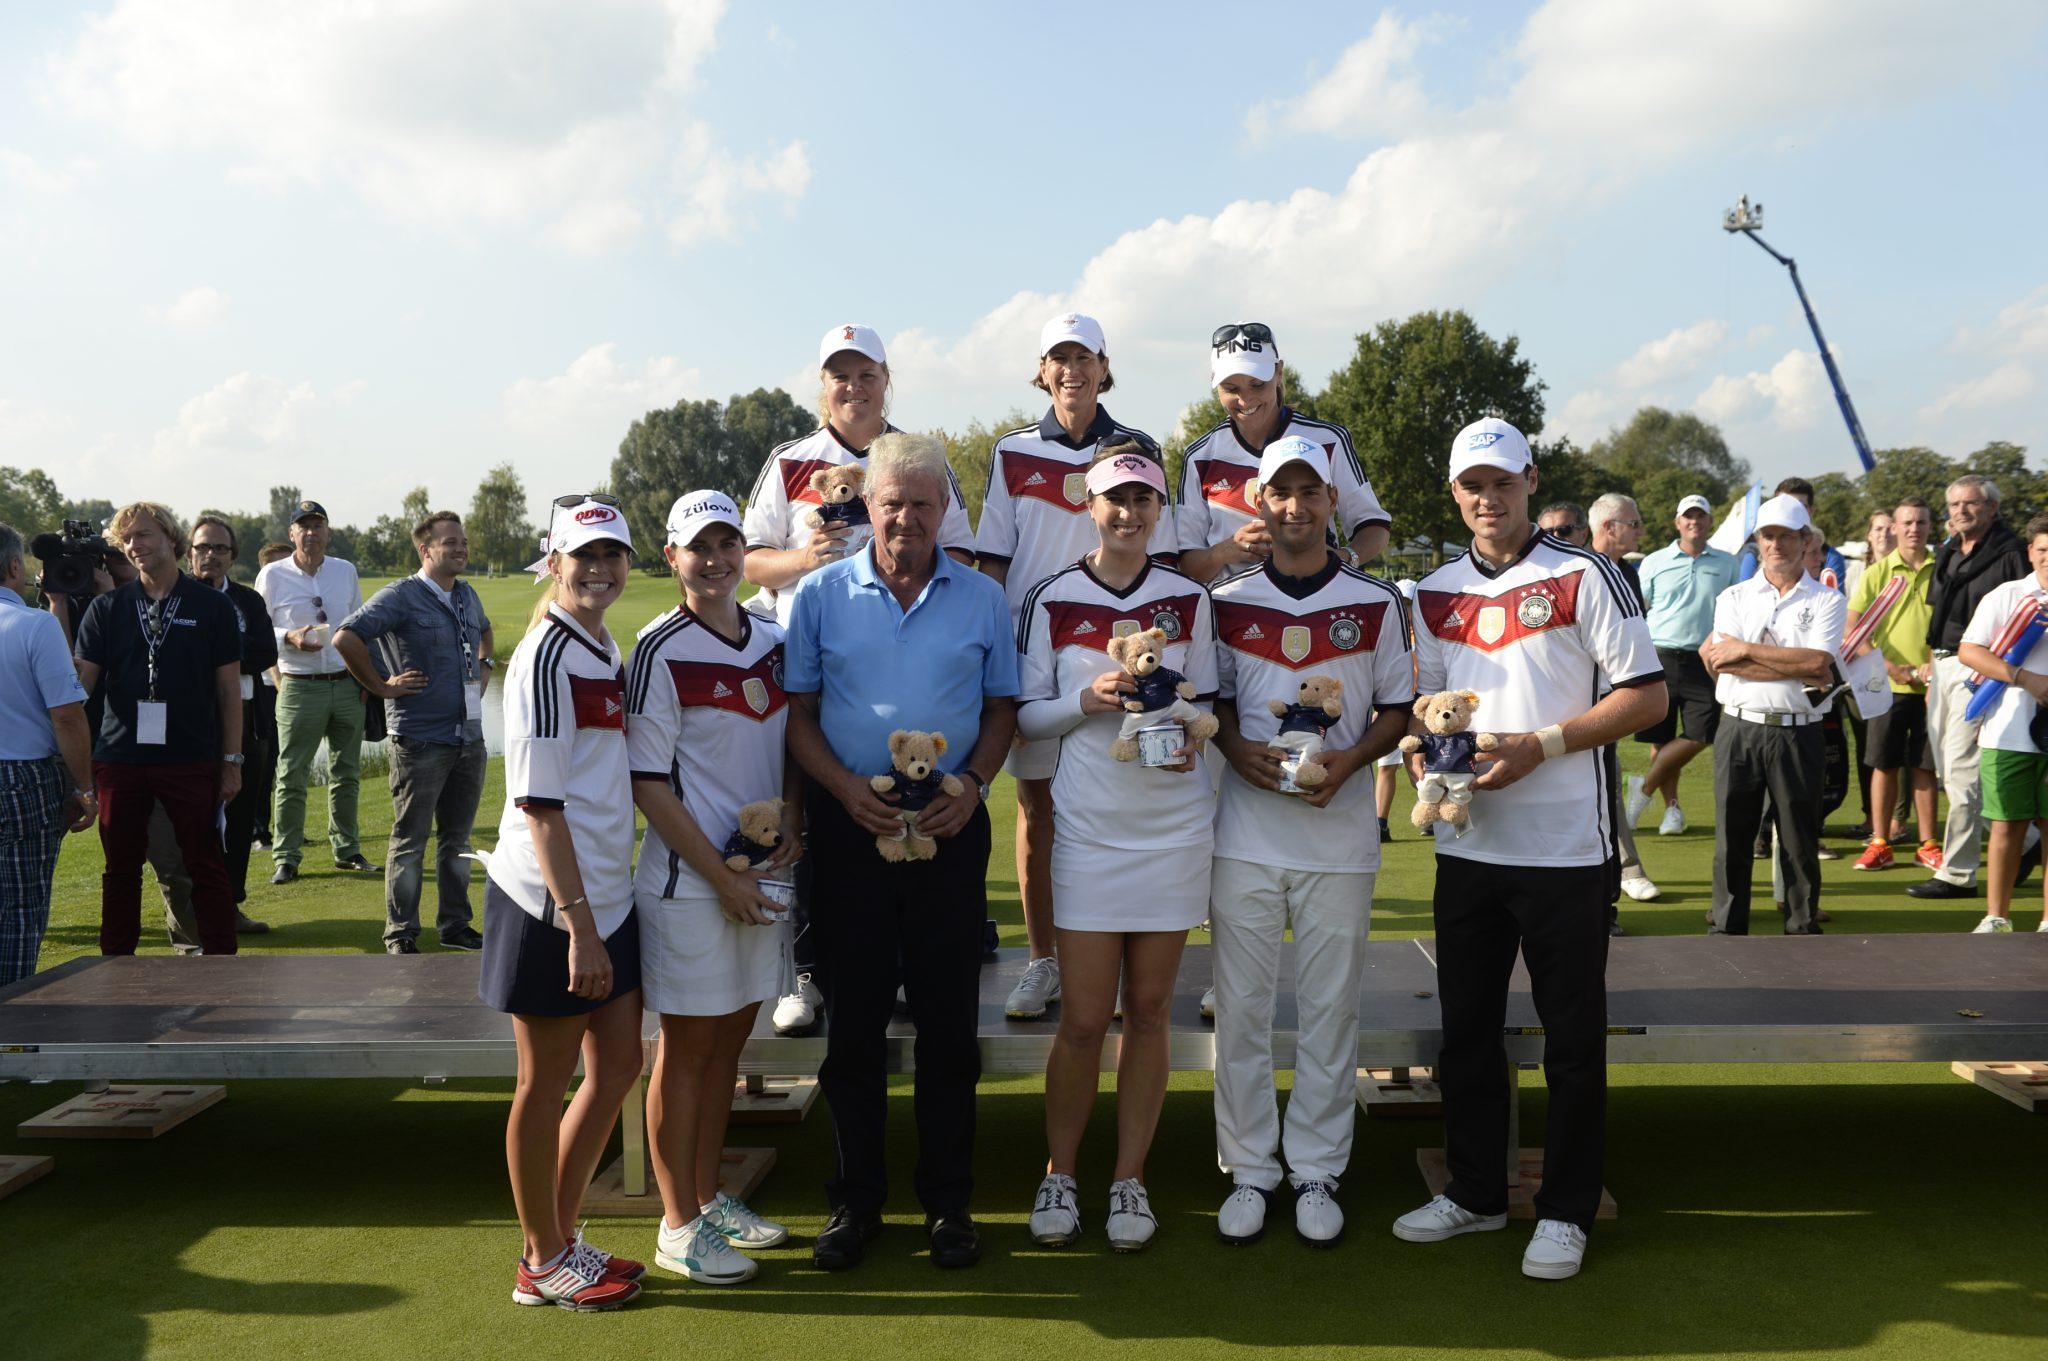 Beim Solheim Cup Charity Show Match in St. Leon-Rot erhielten die Teilnehmer die ersten Solheim Cup Steiff-Bären.